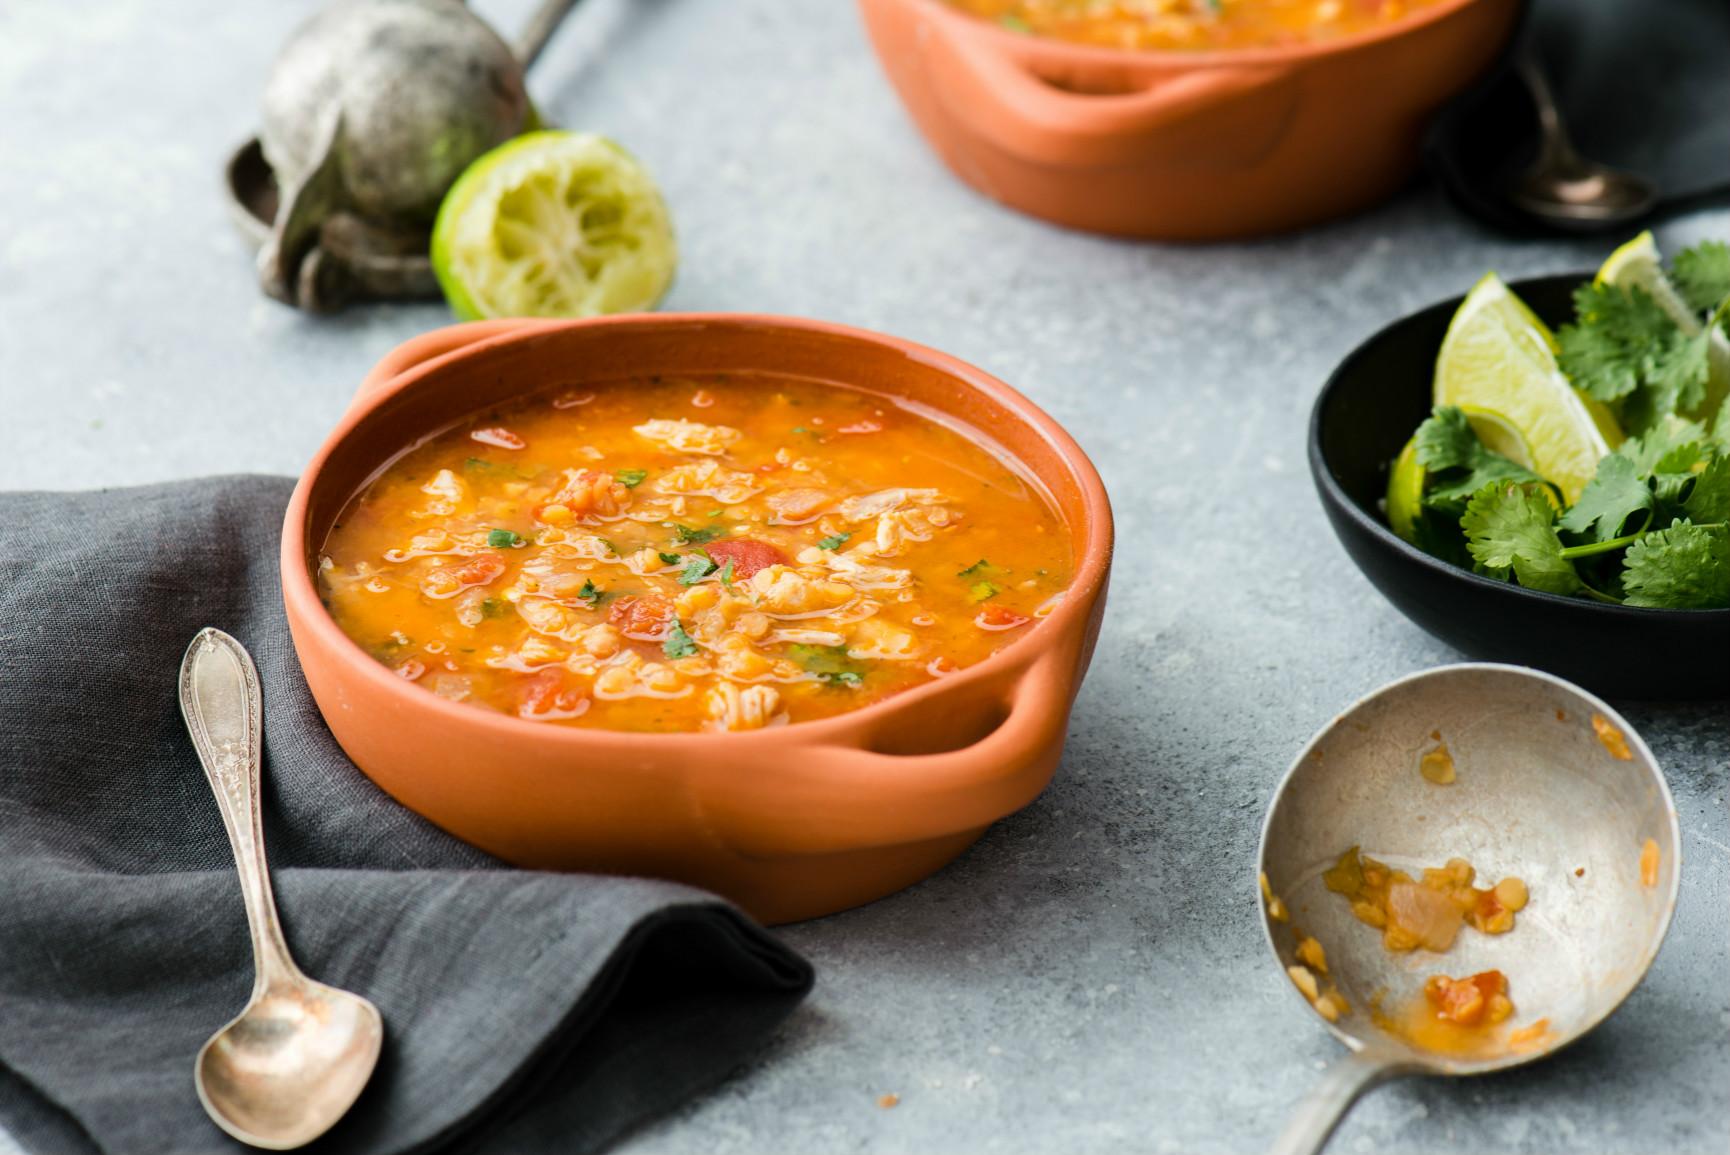 Instant Pot Mexican Lentil & Chicken Soup Recipe